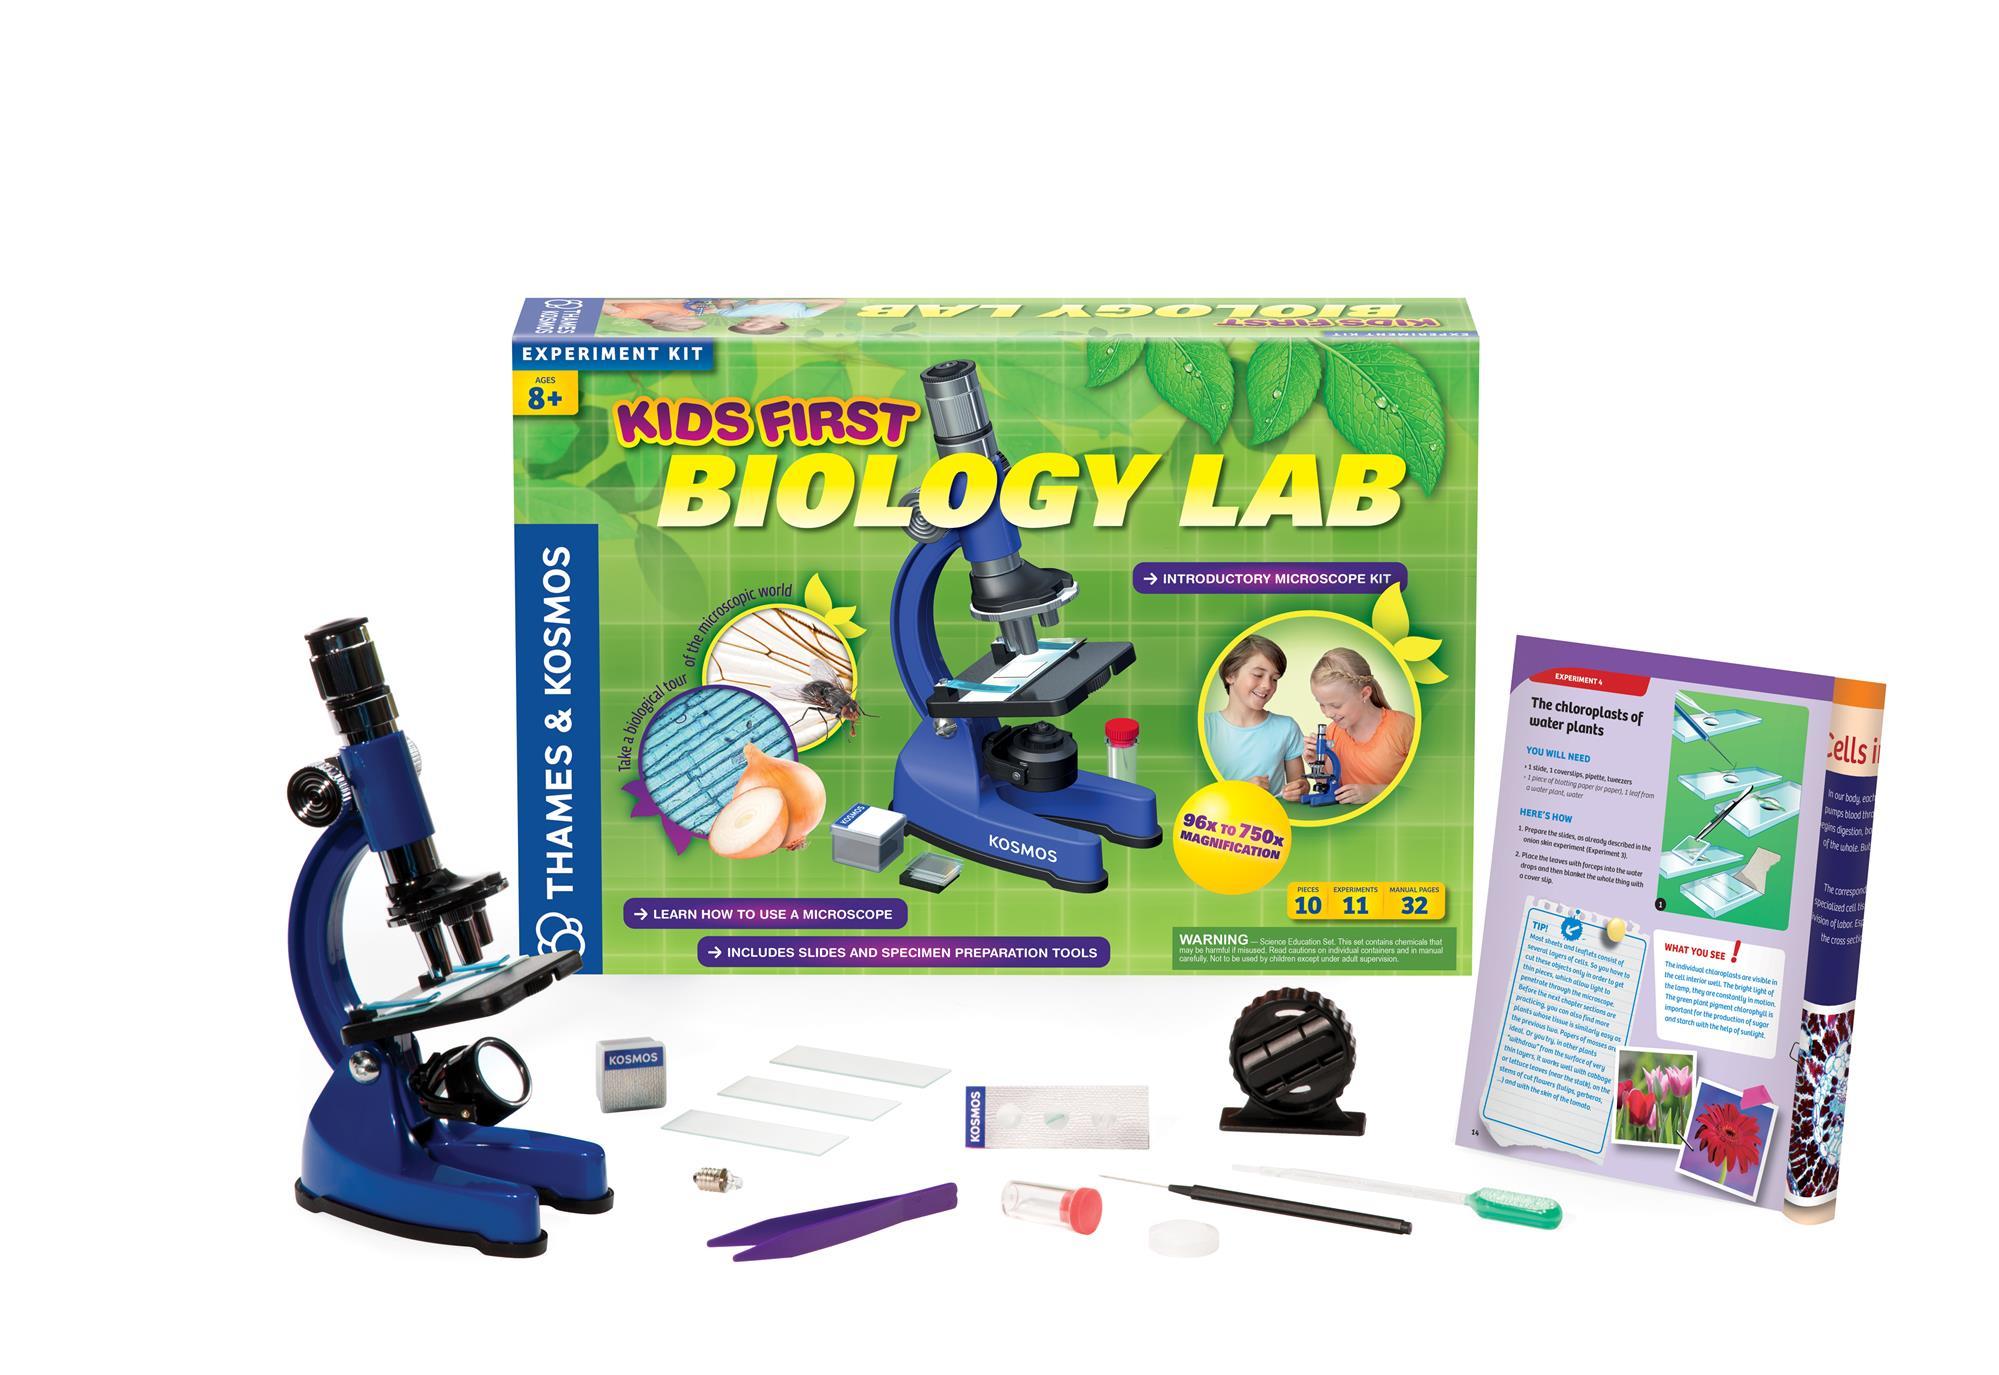 Kids First Biology Lab Scientifics line